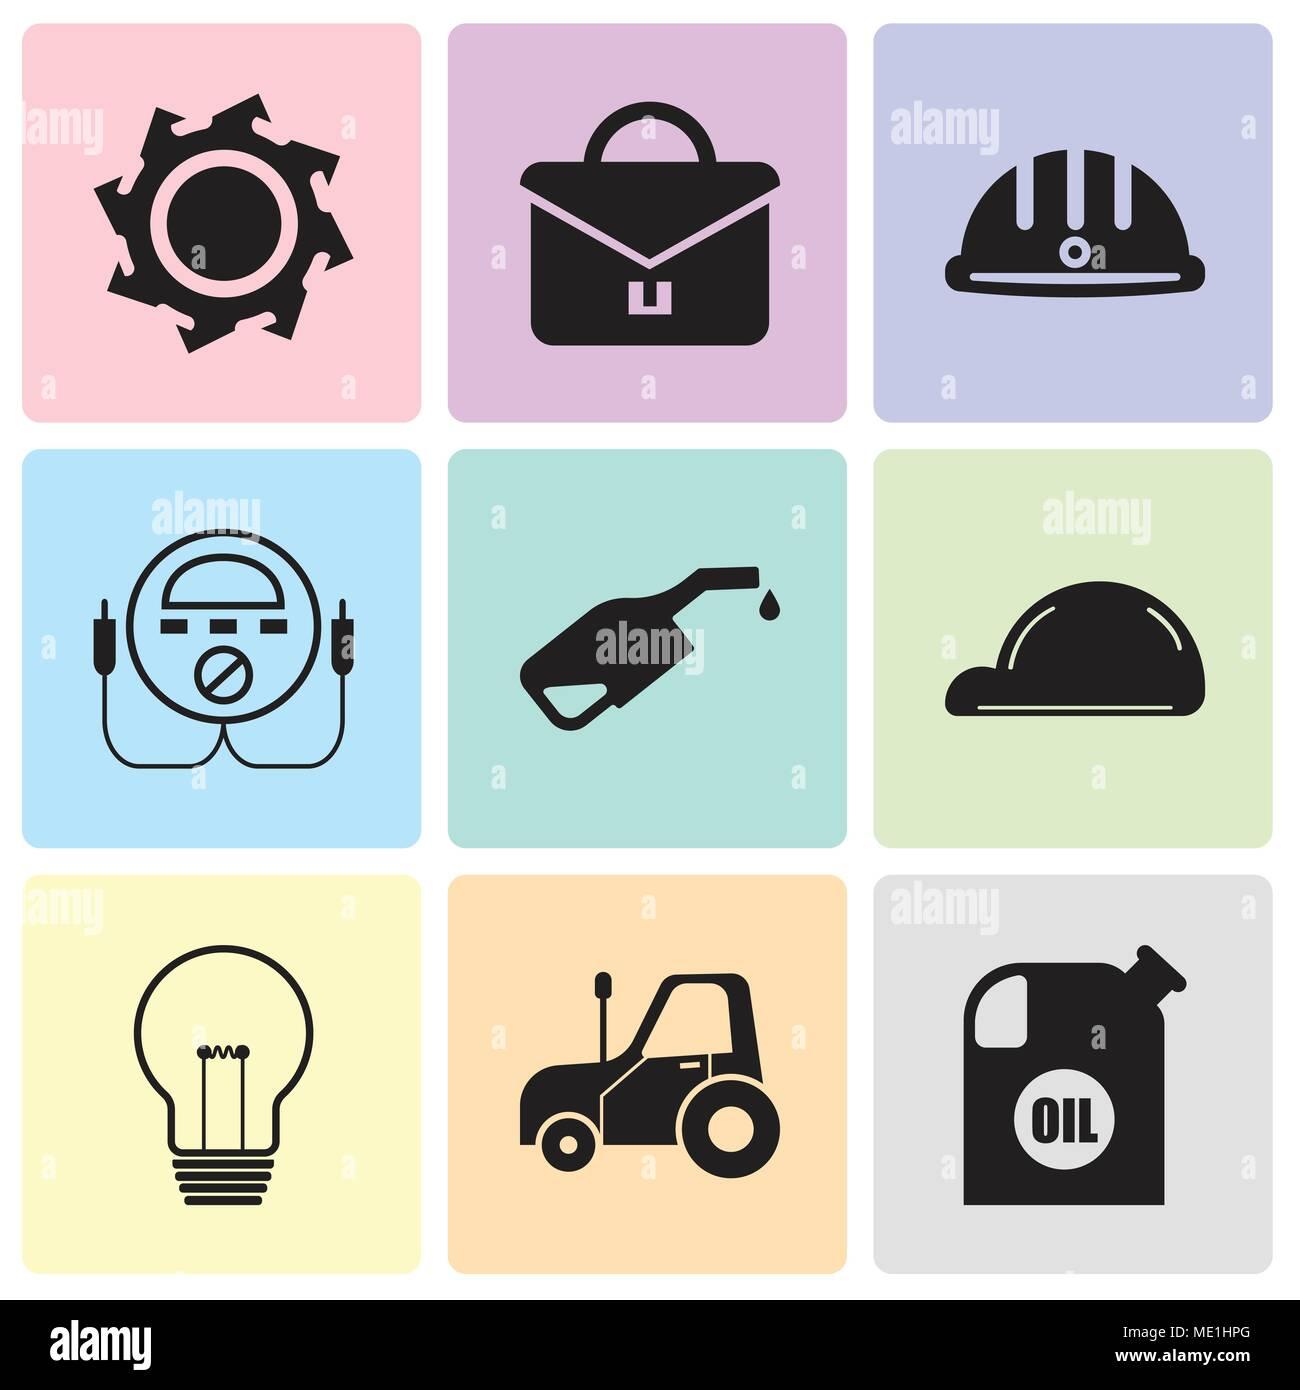 Conjunto de 9 sencillos iconos editables como recipiente para aceite ... 9a6bfd4b0b4